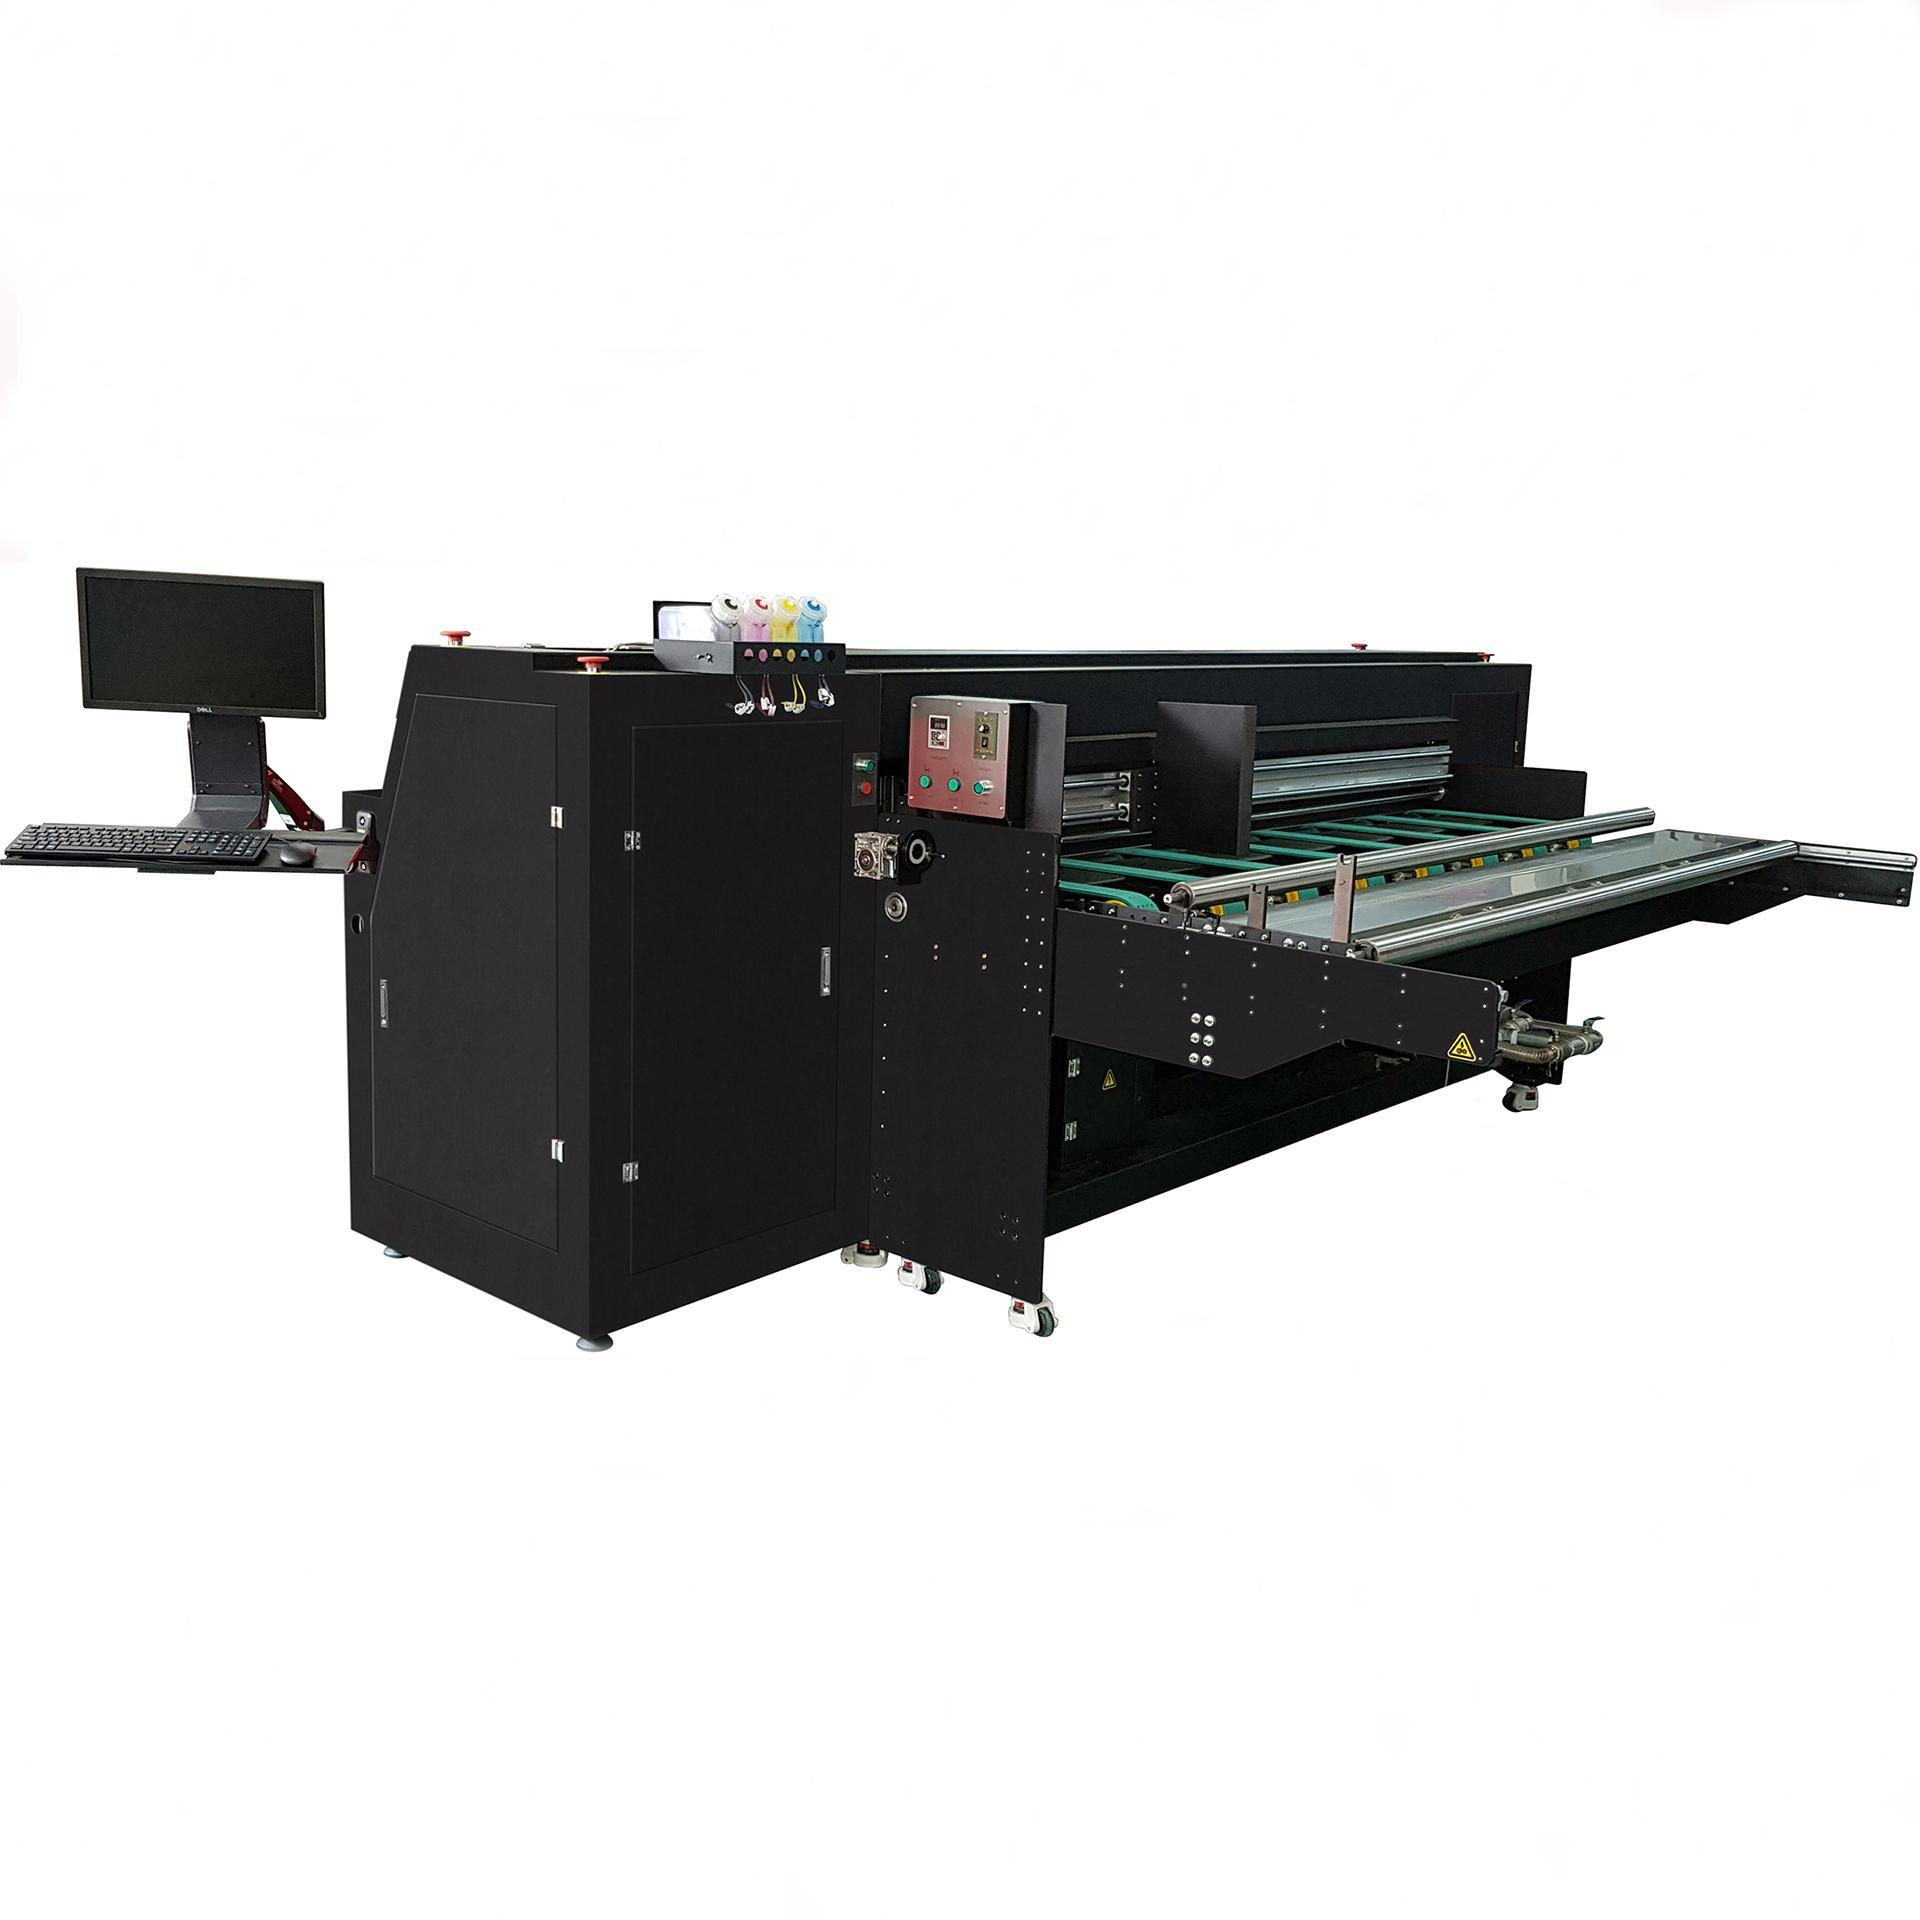 Pizza box inkjet printer for corrugated box/digital inkjet printer 2500AF-4PH 1